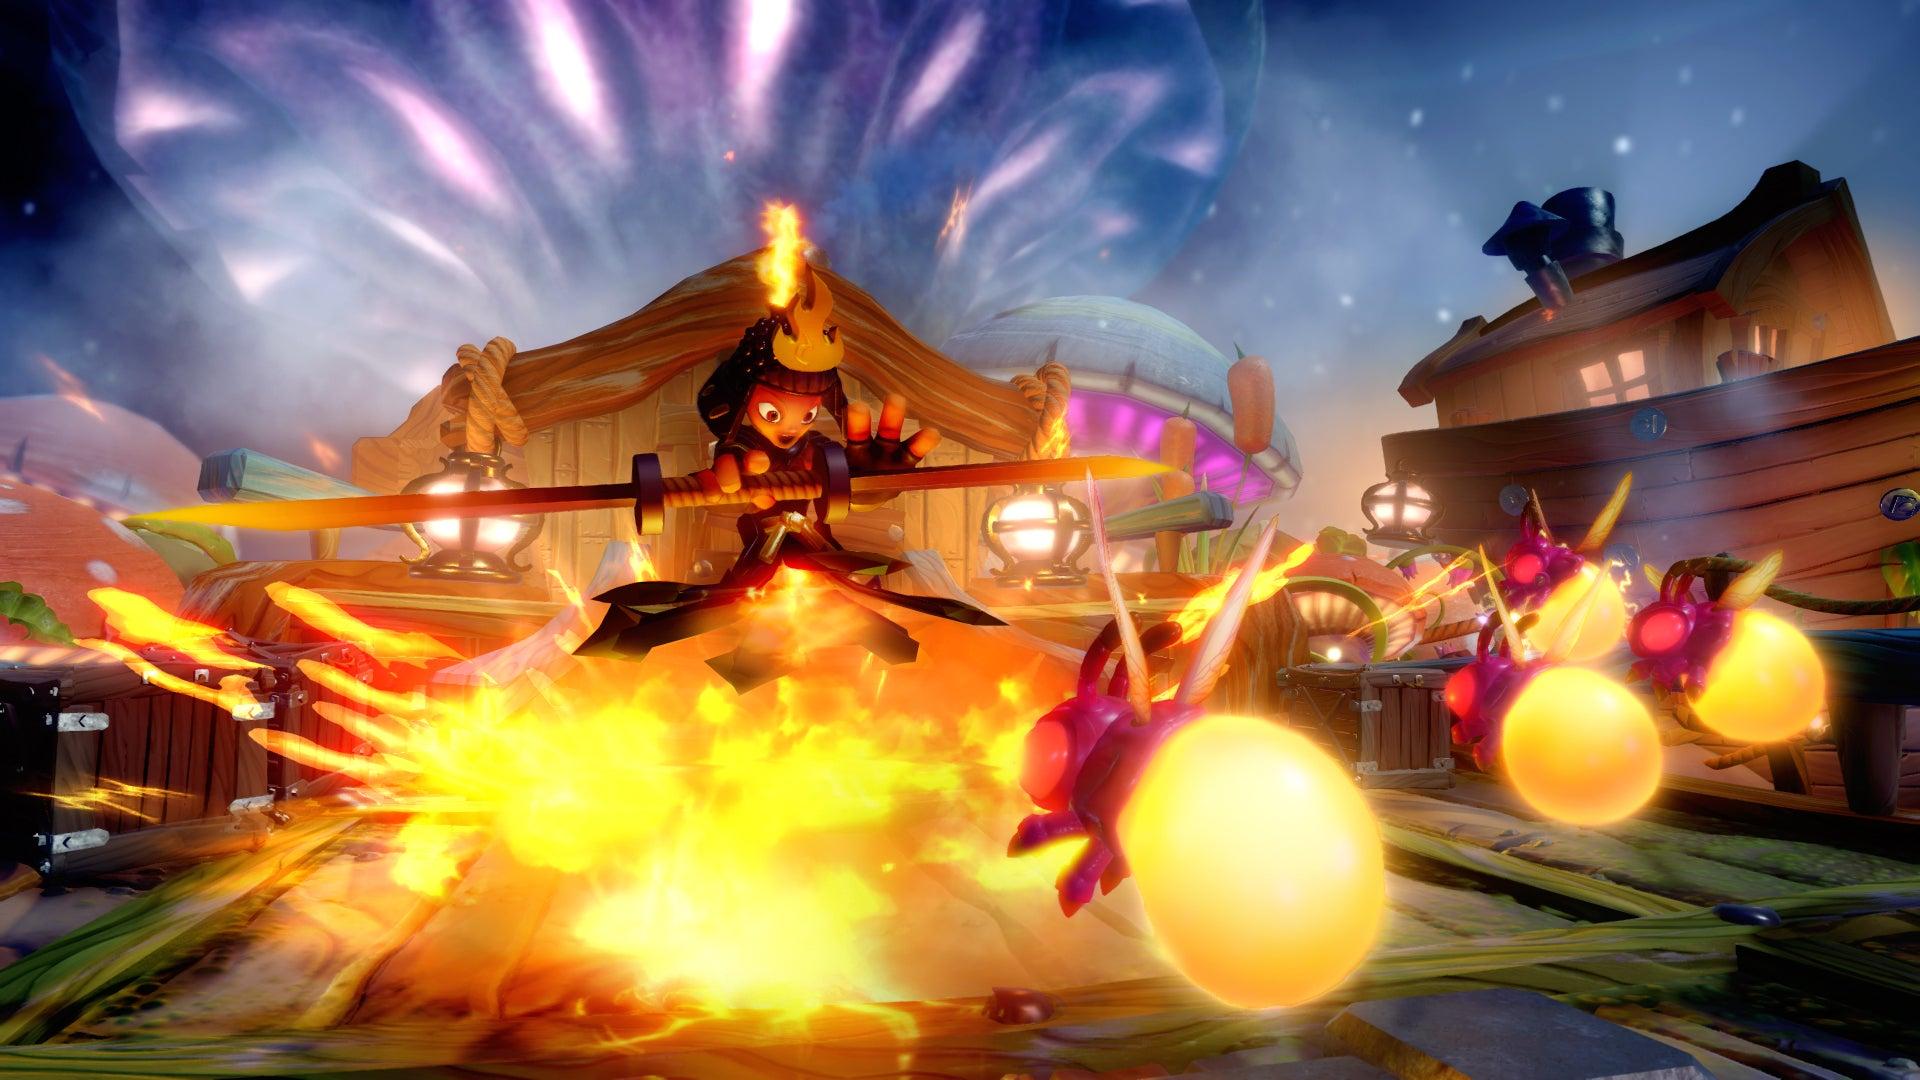 E3 Skylander Imaginator Reveals Begin With This Hot Little Number